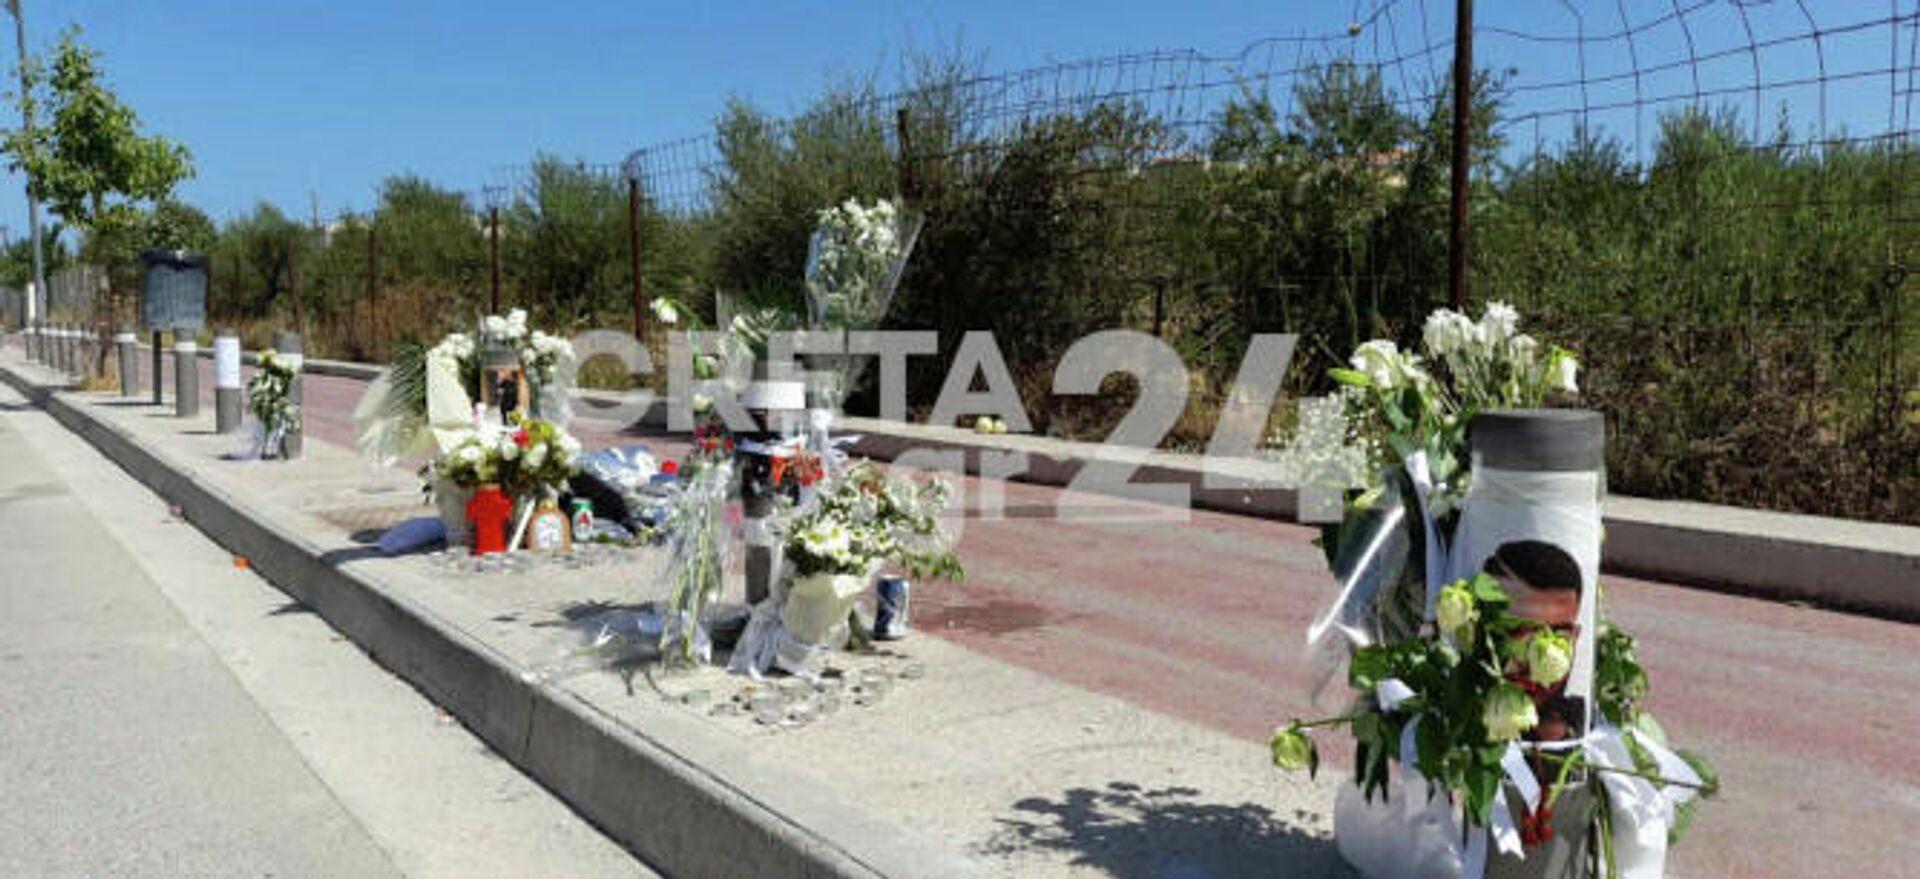 Το σημείο όπου έγινε το δυστύχημα - Sputnik Ελλάδα, 1920, 21.09.2021